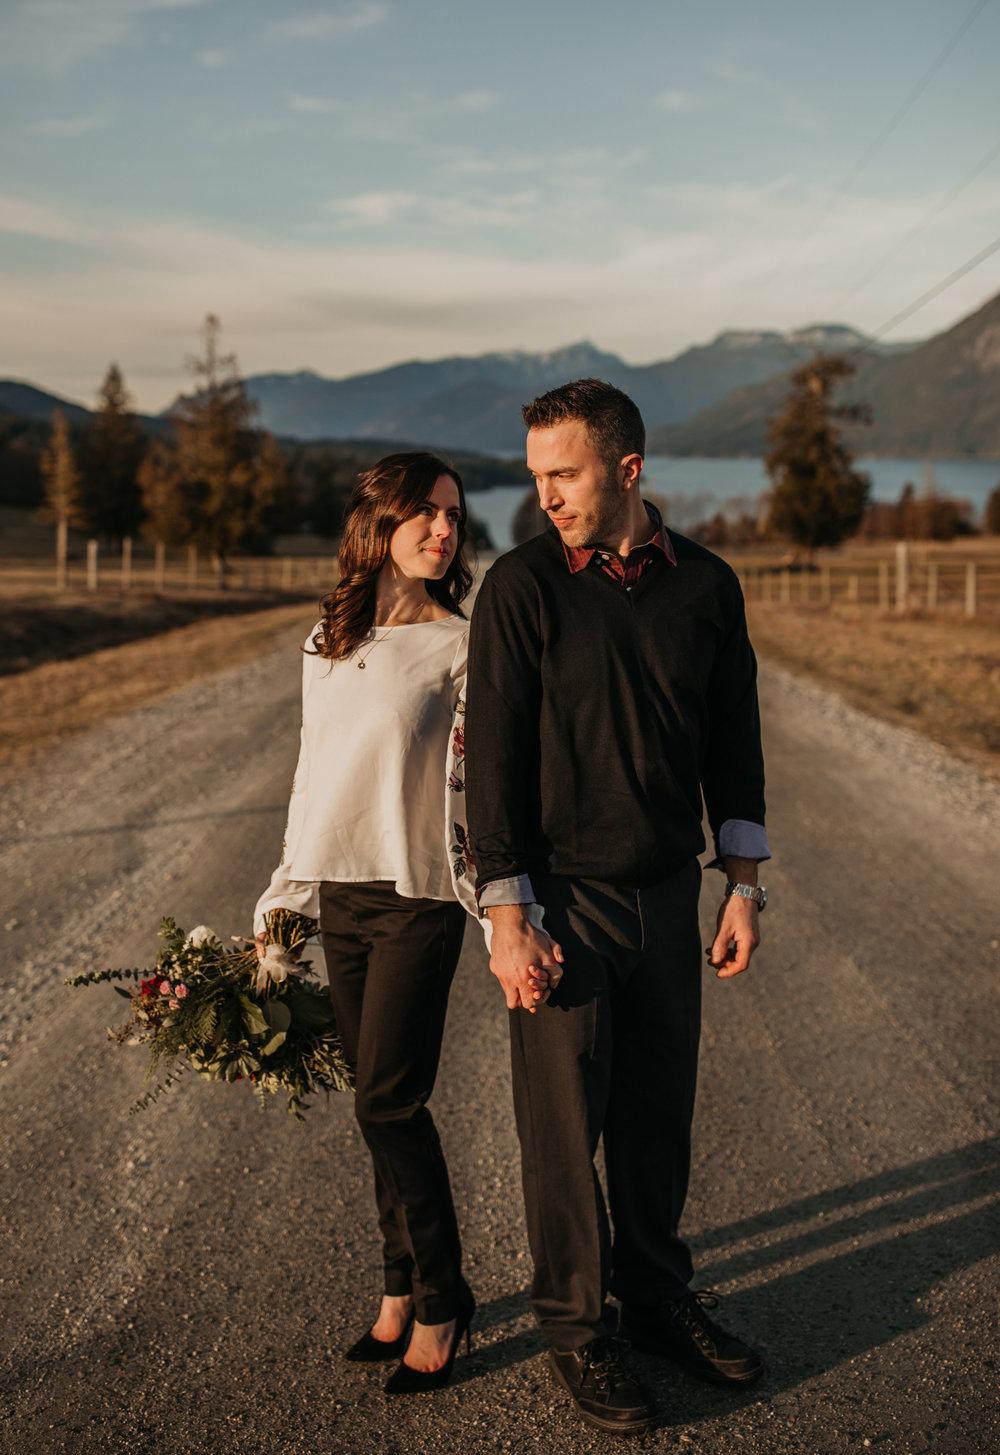 Sunshine Coast Engagement Photos - Sunshine Coast Wedding Photographer - Vancouver Wedding Photographe291r .JPG